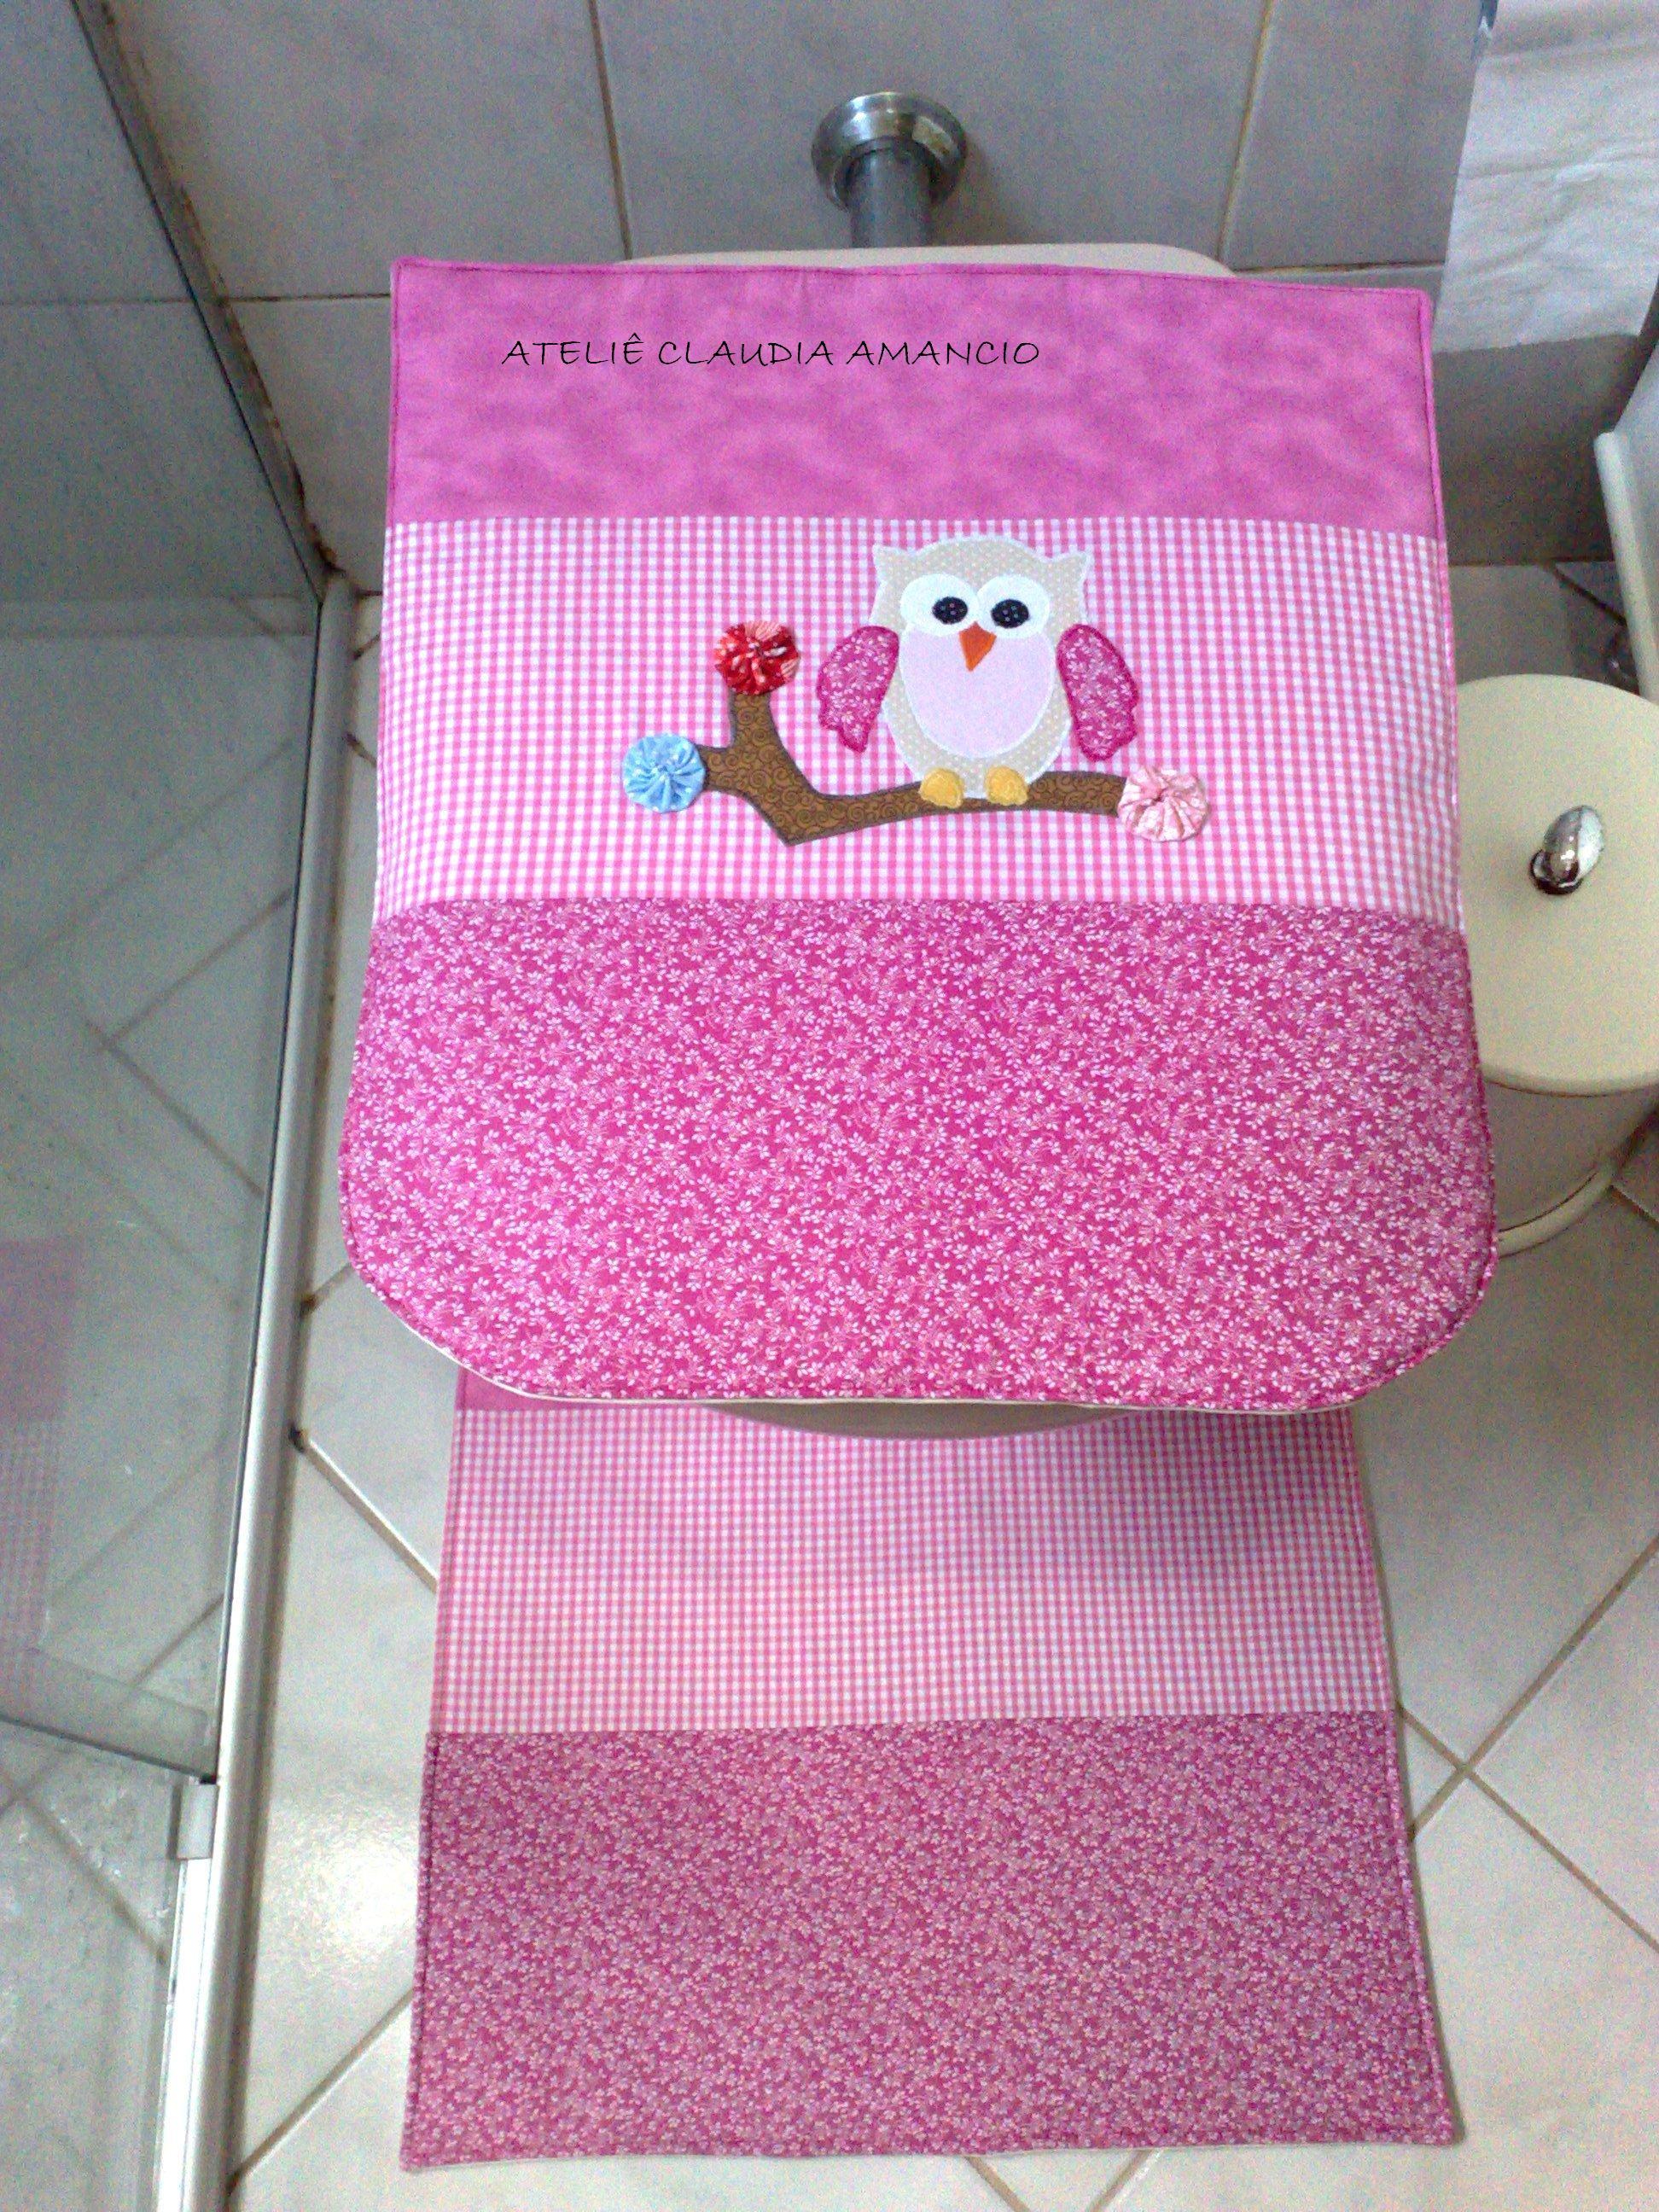 jogo de banheiro toalhas jogo de tapetes de banheiro jogo de banheiro  #9D2E7C 1944x2592 Banheiro De Gato Como Fazer